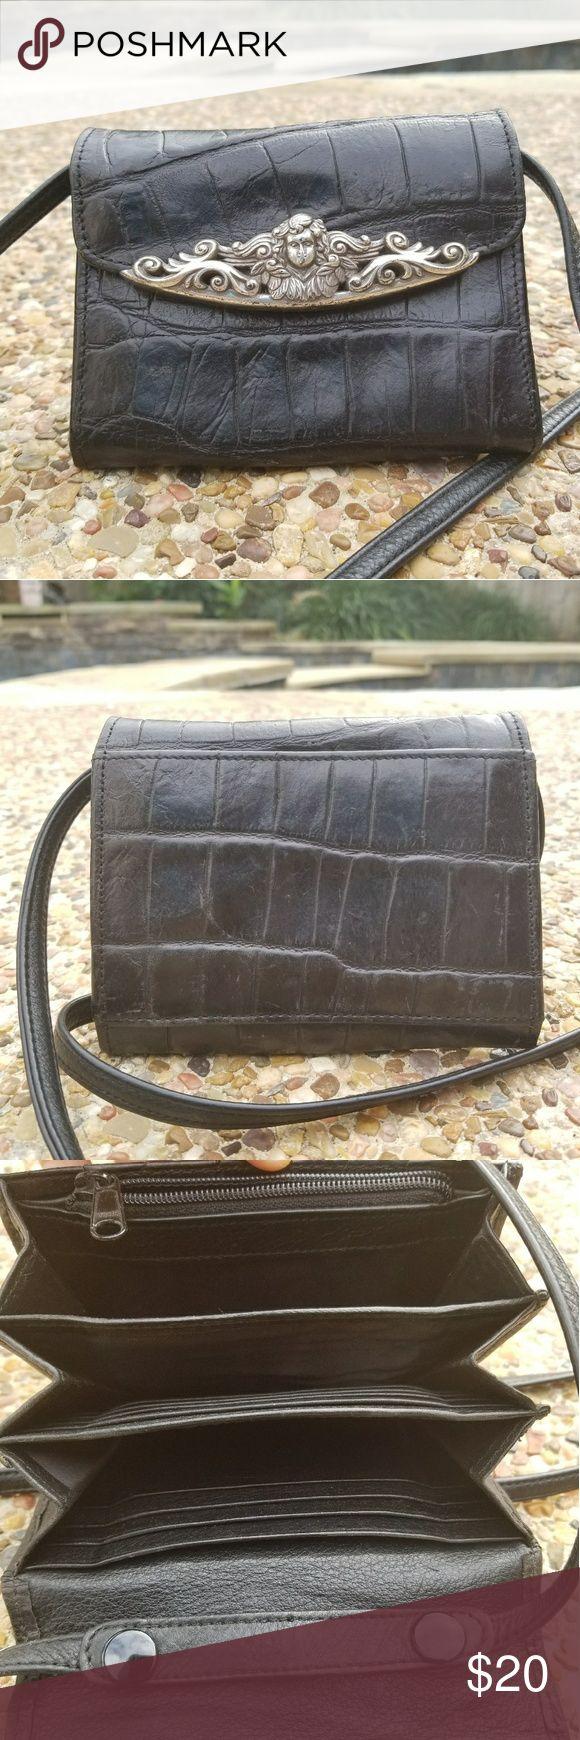 Vintage Brighton Wallet Crossbody Cute vintage Brighton wallet crossbody with whimsical silver hardware. It good condition with clean exterior and interior. Brighton Bags Wallets